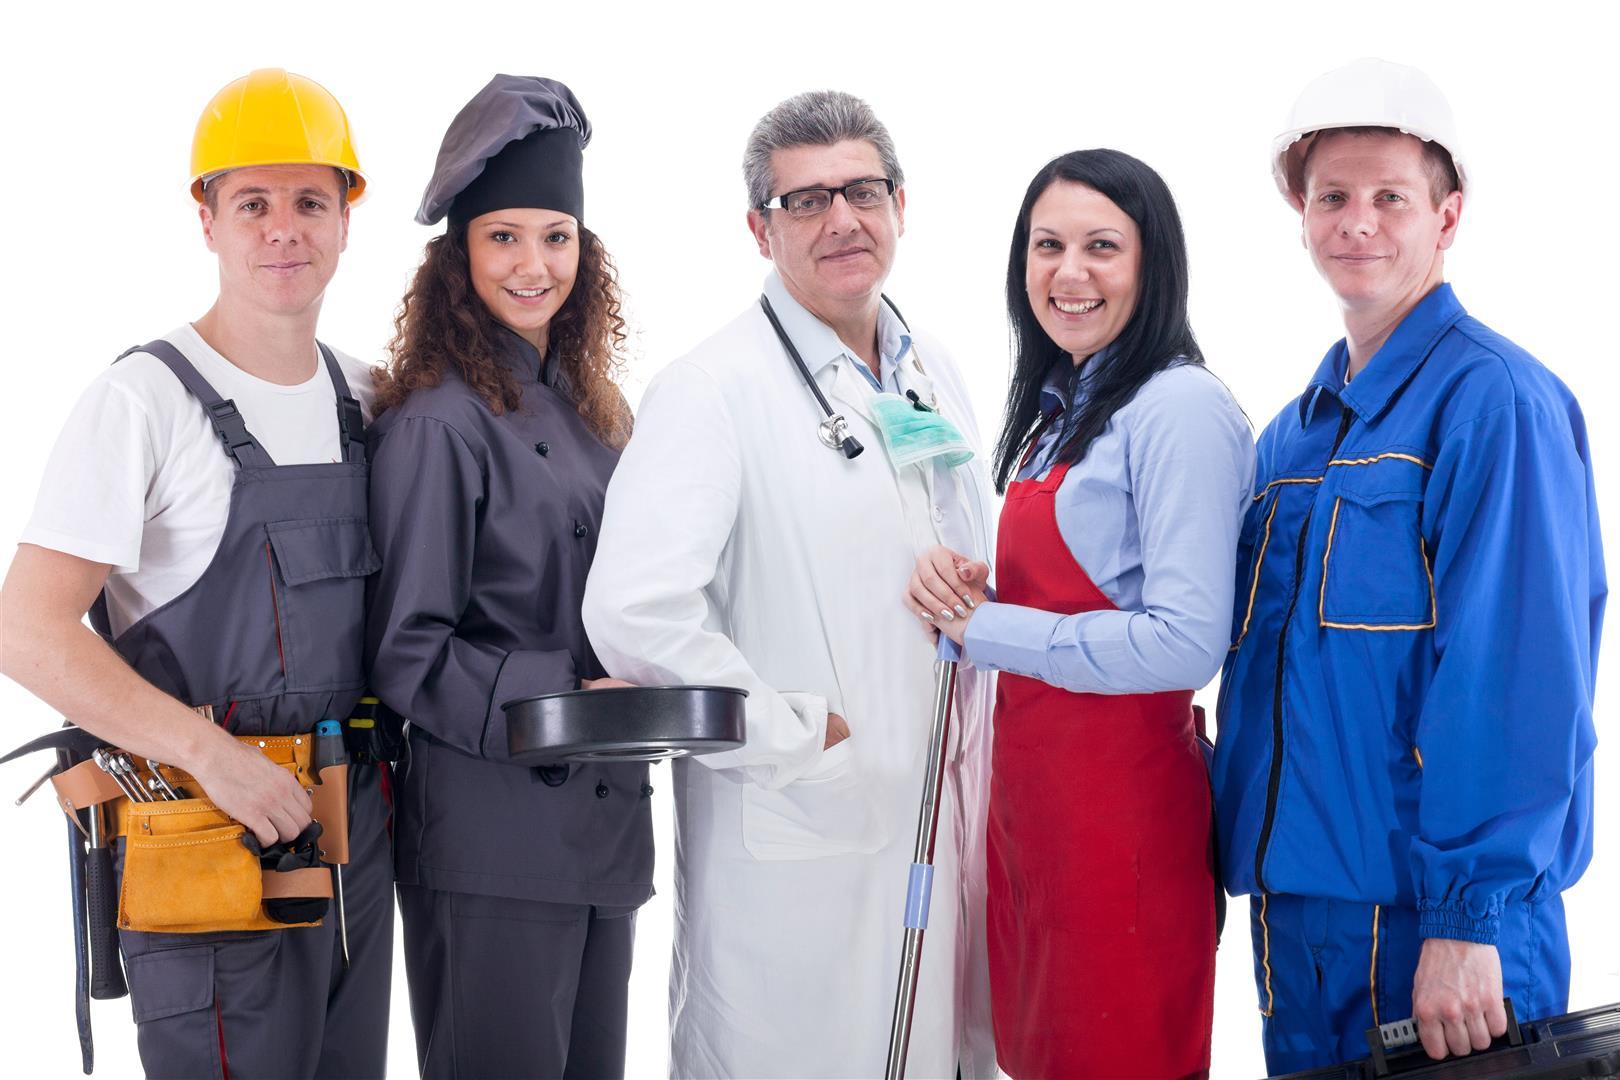 Apakah Semua Pekerjaan Memiliki Pakaian Profesi Khusus